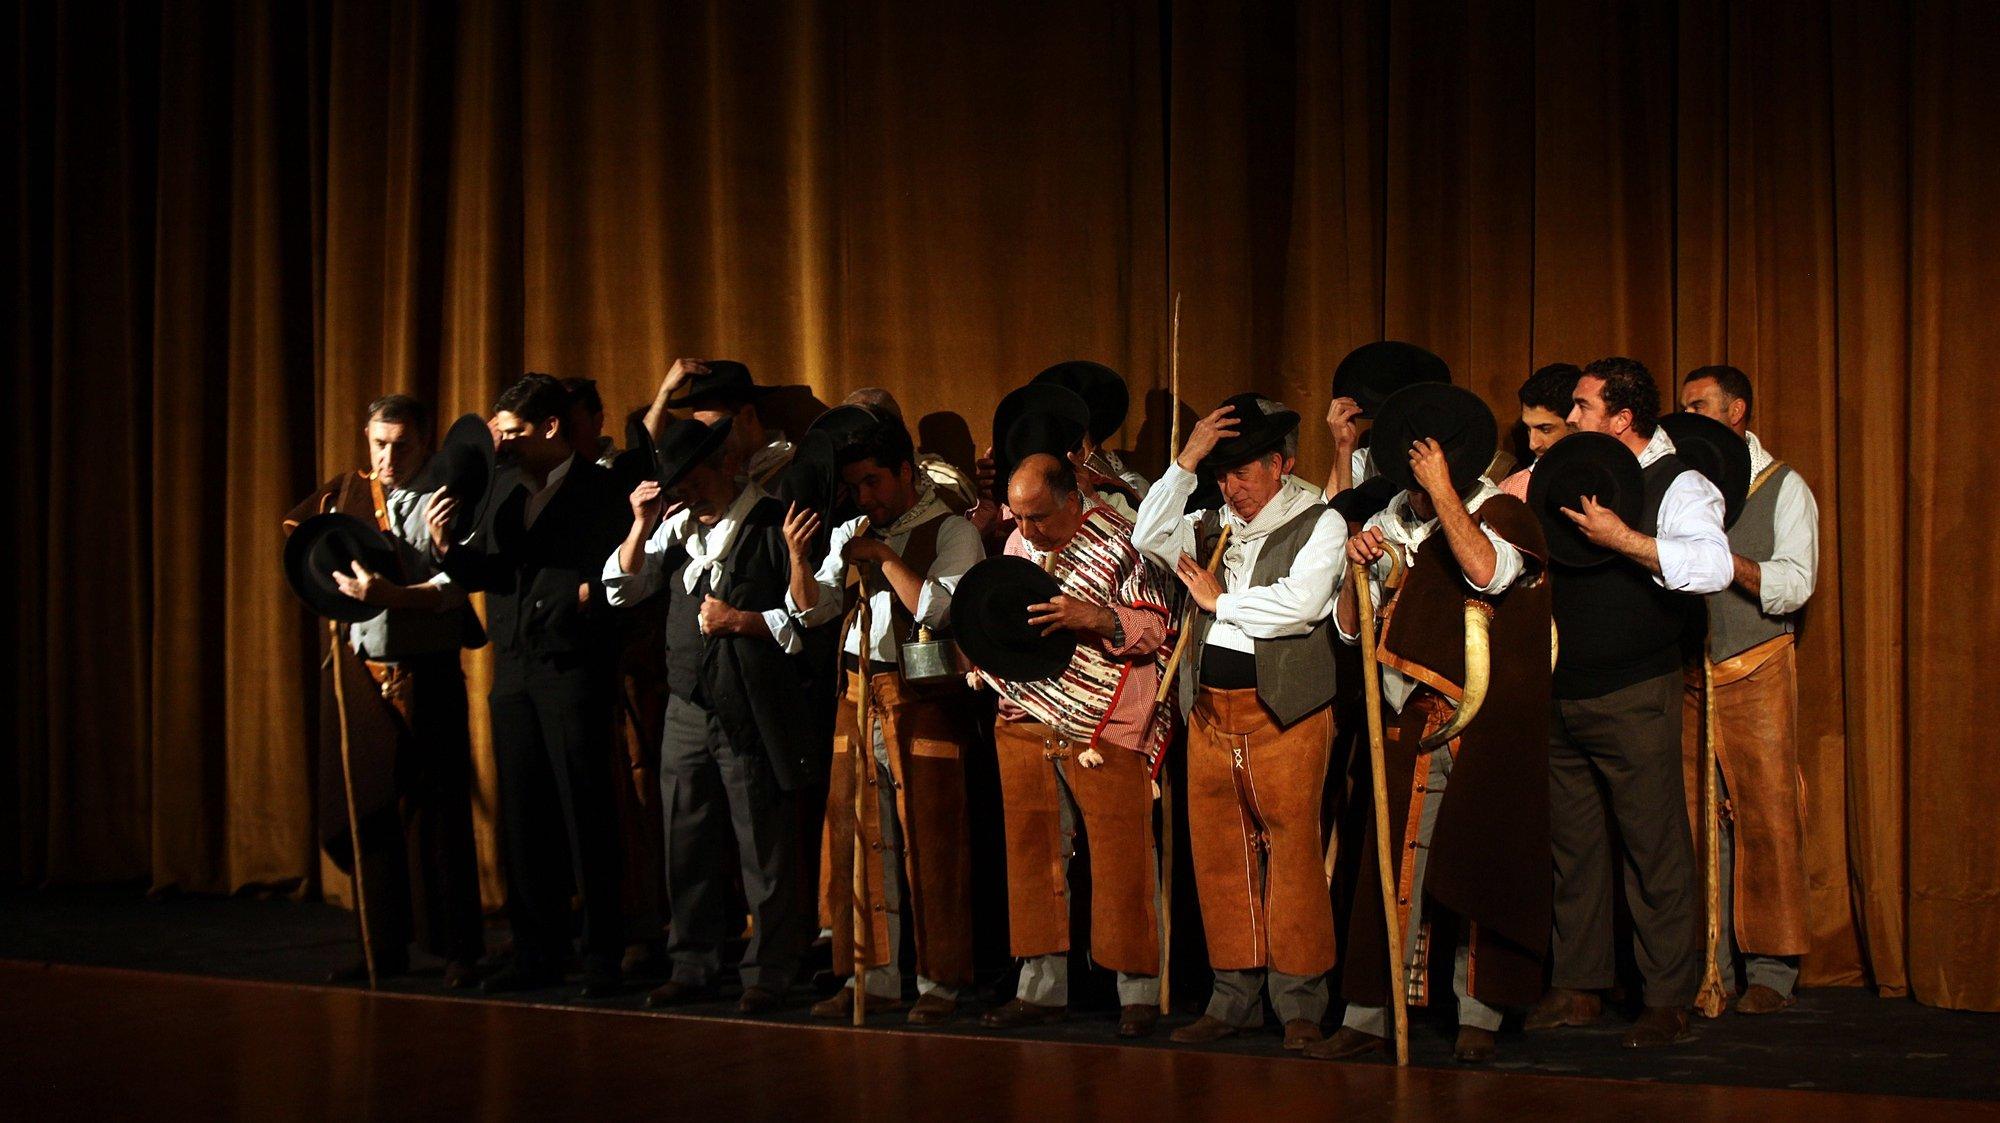 Elementos de um grupo de cante alentejano de Serpa cantam durante uma homenagem a Nicolau Breyner, ator e realizador português recentemente falecido, que era natural de Serpa, 22 de abril de 2016. NUNO VEIGA/LUSA